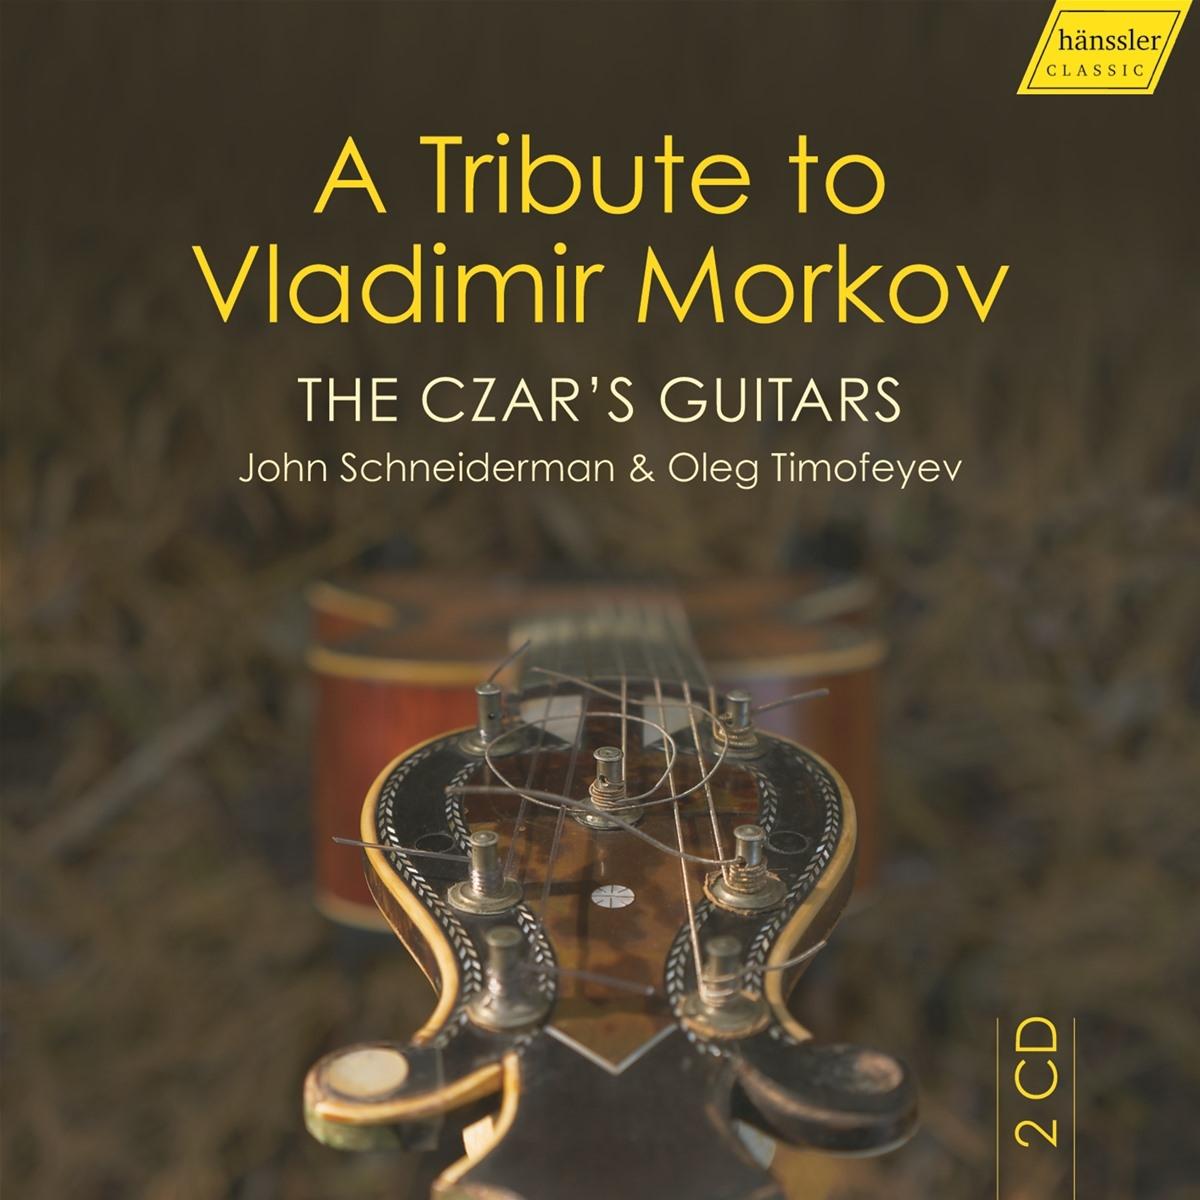 The Czar's Guitars-A Tribute to Vladimir Morkov